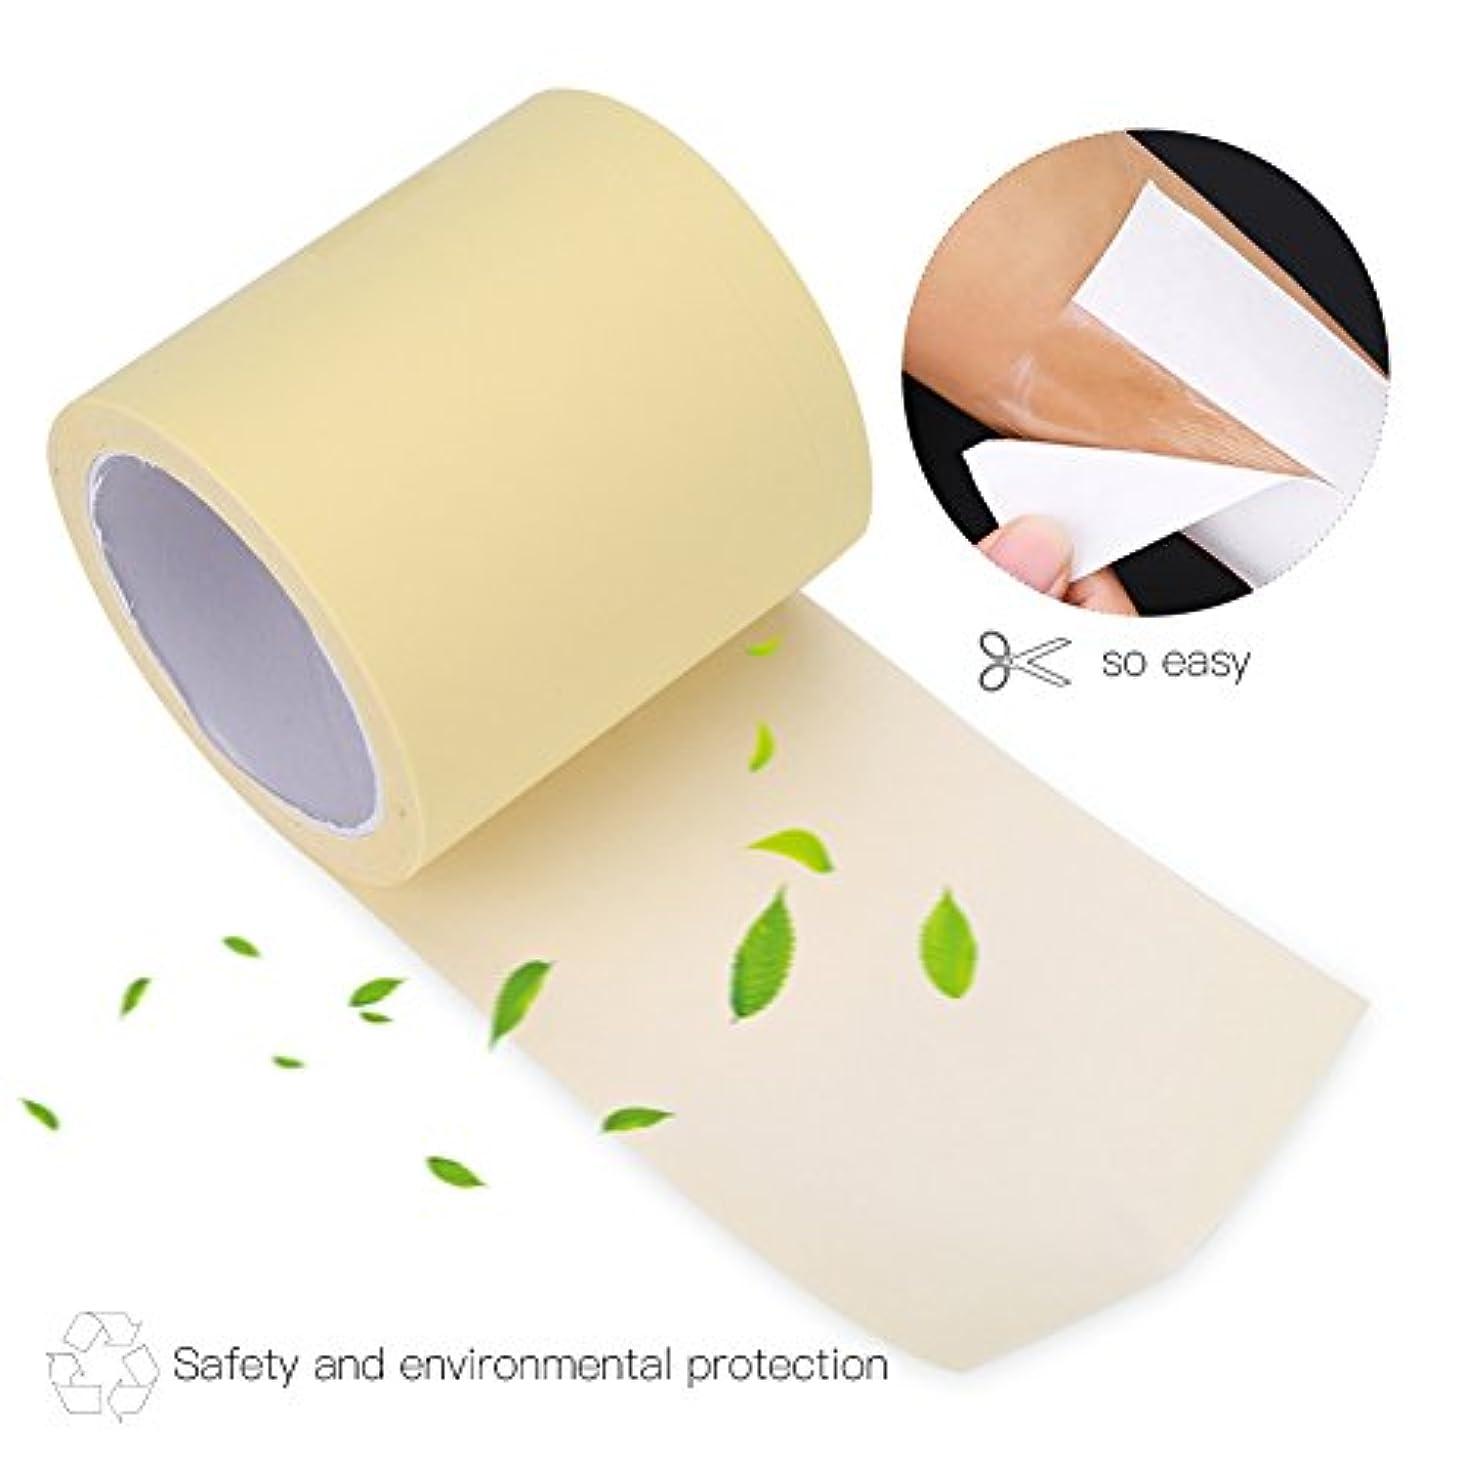 役に立つ保険つば汗止めパッド 脇の下汗パッド 皮膚に優しい 0.012 mm 透明 超薄型 抗菌加工 脇の汗染み防止